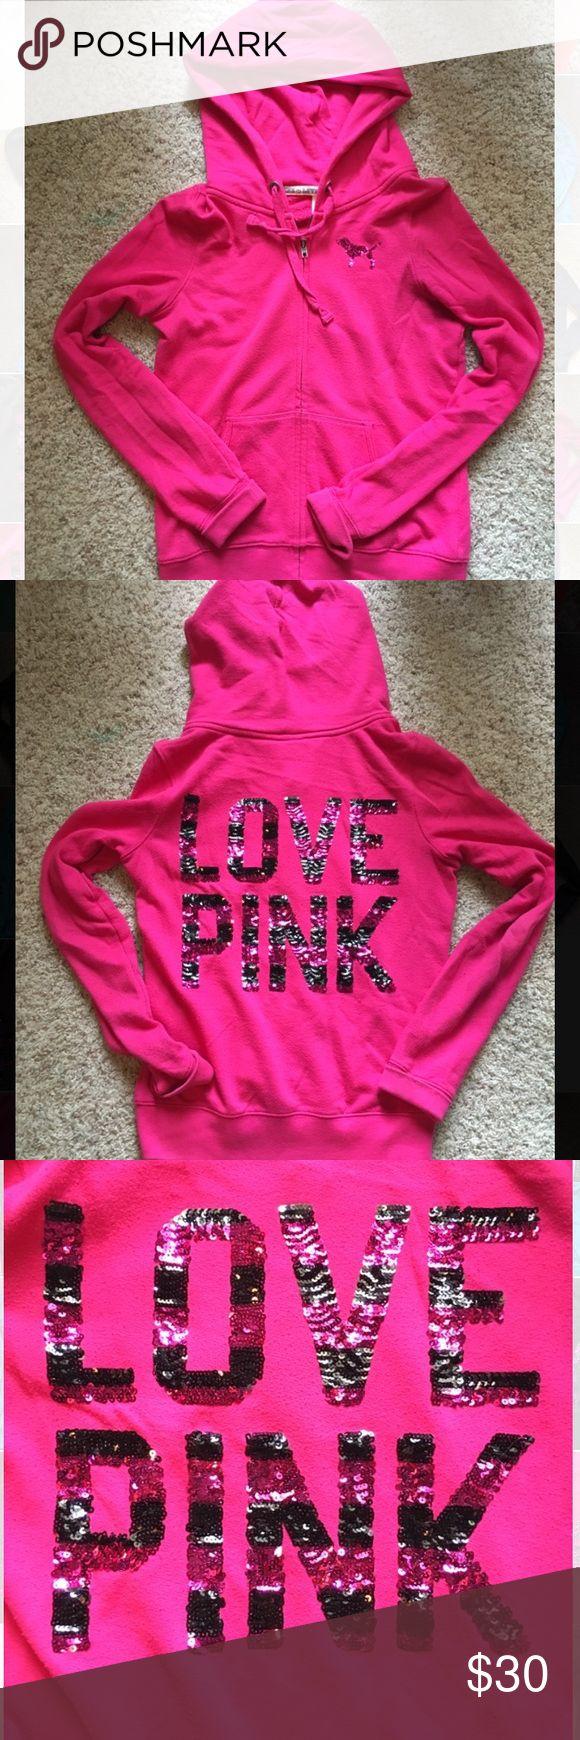 Victoria's Secret PINK zip up Iike new condition PINK Tops Sweatshirts & Hoodies